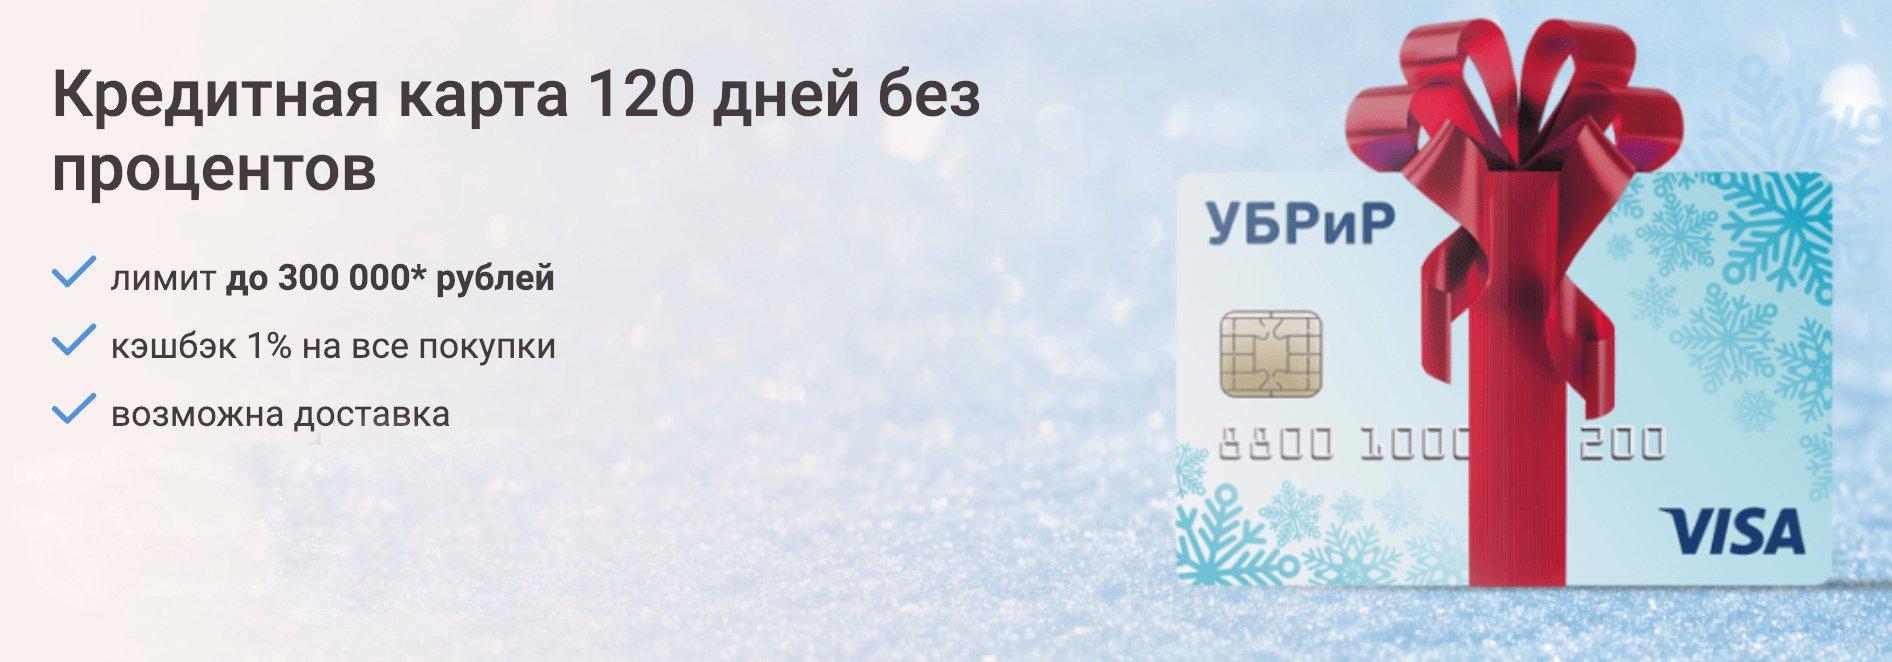 120 дней без процентов» от УБРиР